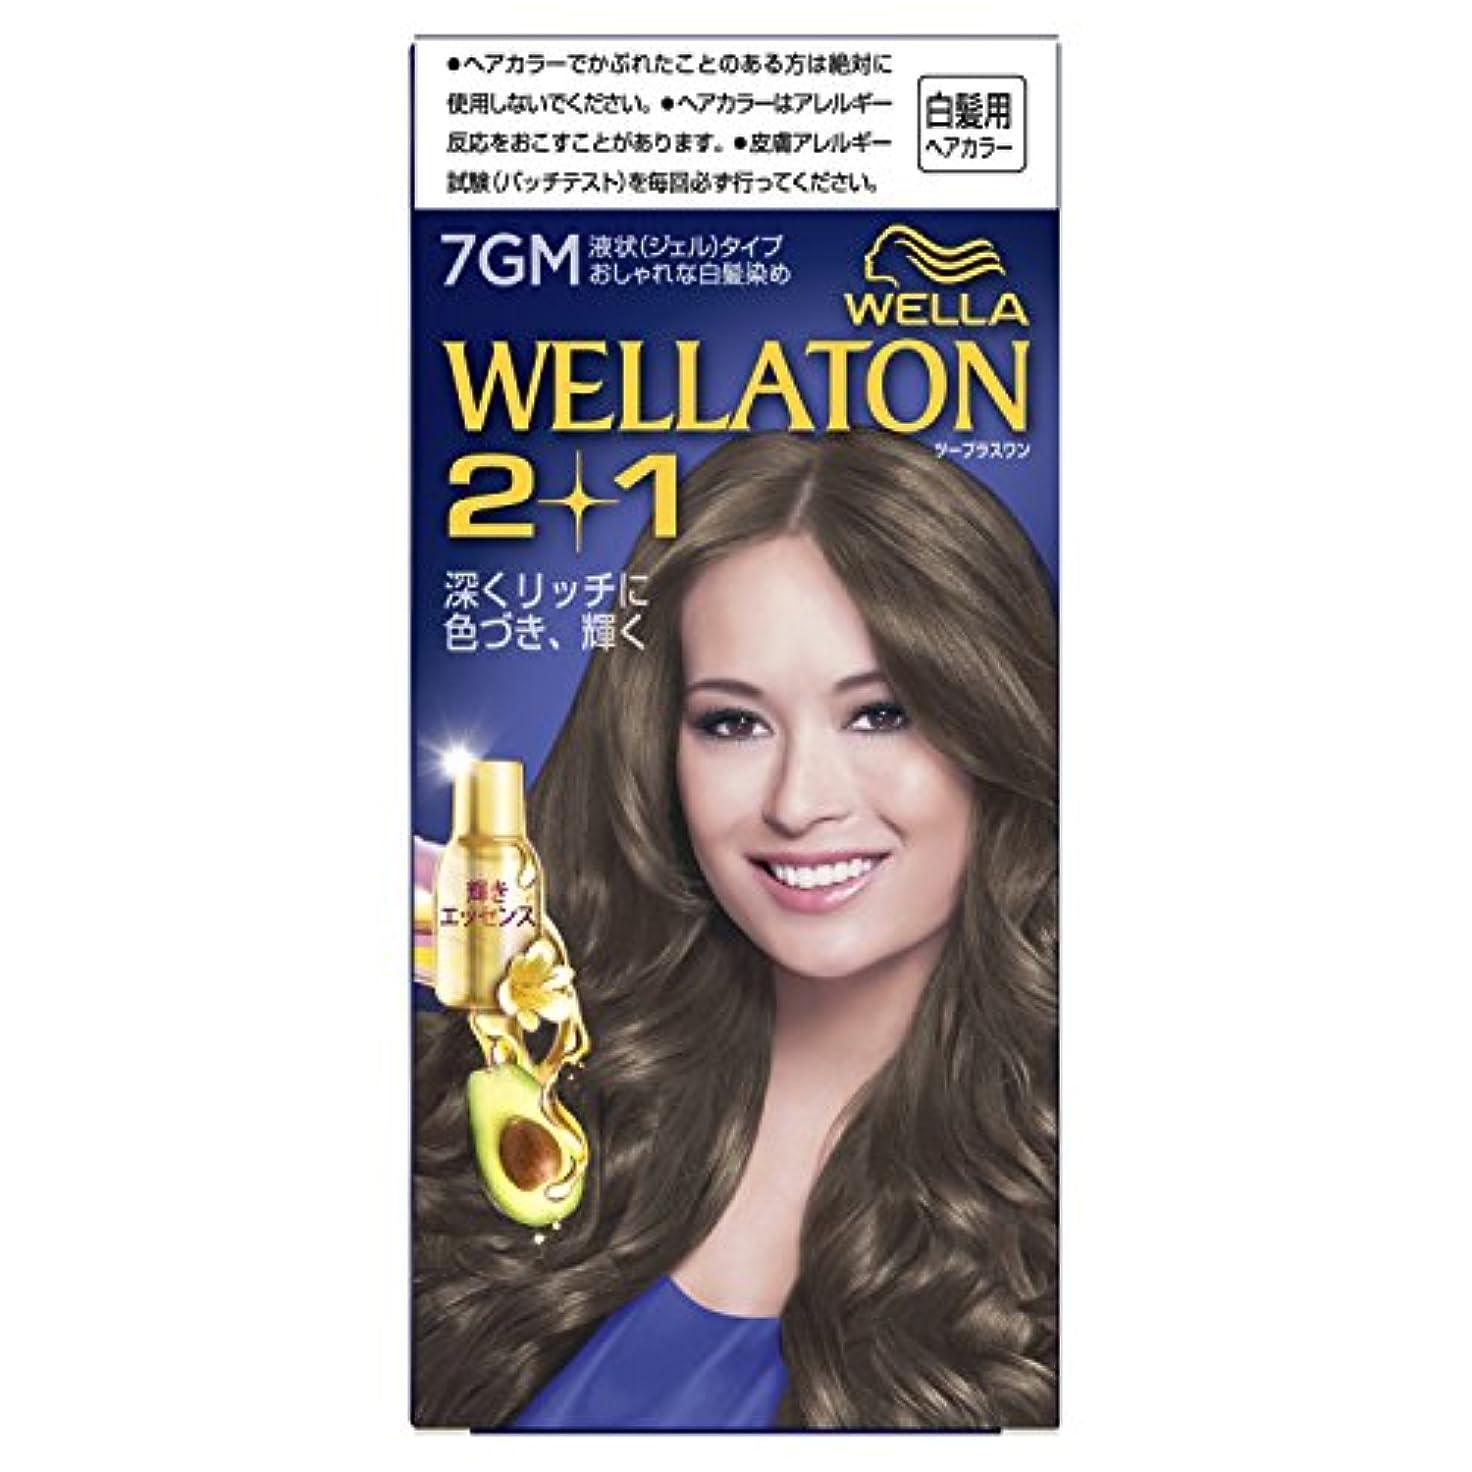 無効鉄キリンウエラトーン2+1 液状タイプ 7GM [医薬部外品](おしゃれな白髪染め)